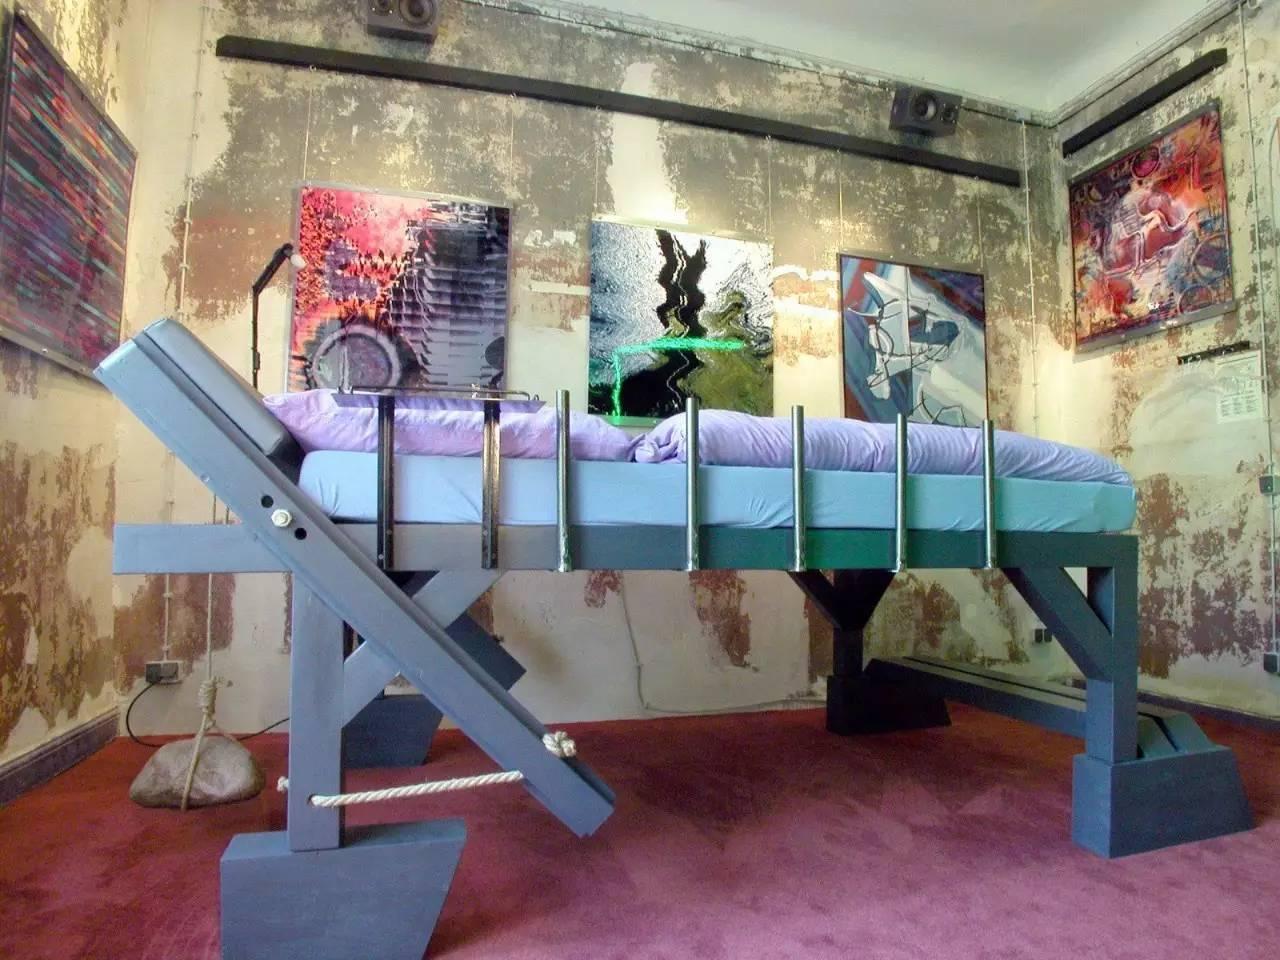 这样的卧室装修想不赖床都难! 卧室,设计,可以,复古,优雅 第23张图片